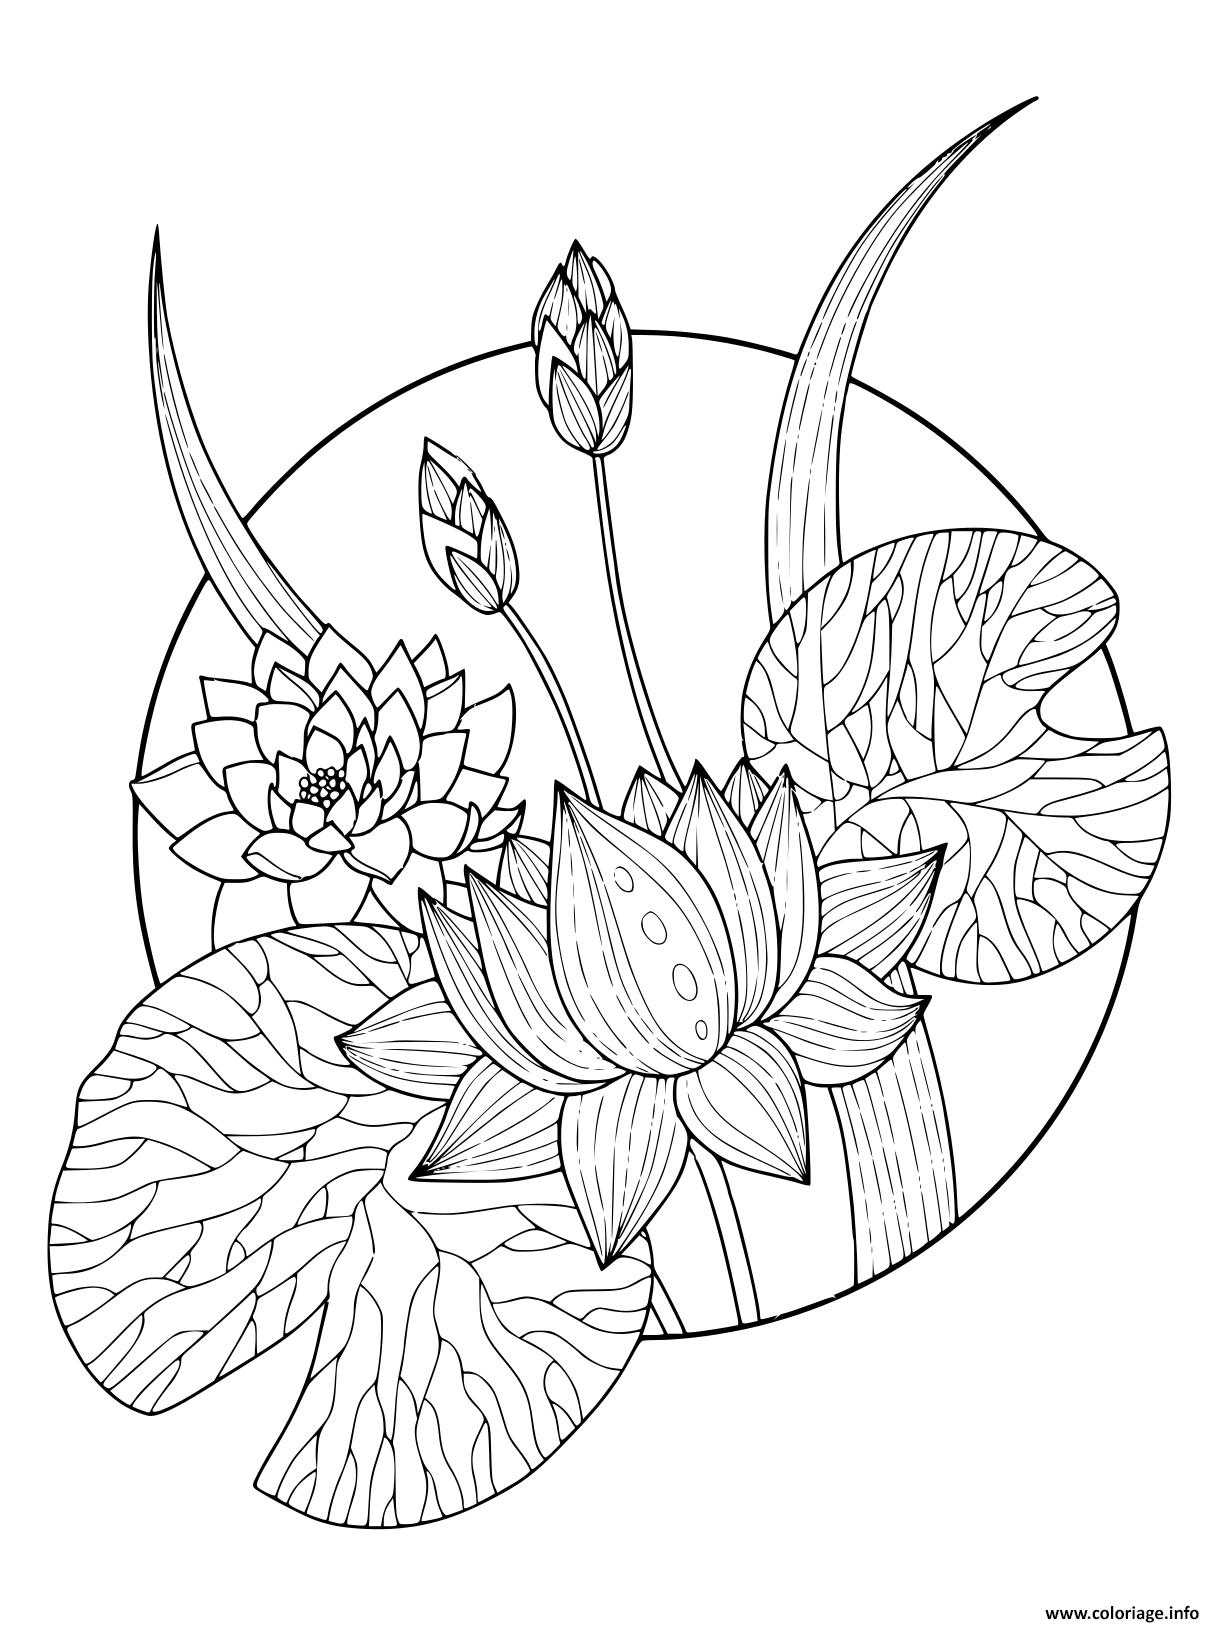 Dessin magnifique fleurs lotus Coloriage Gratuit à Imprimer